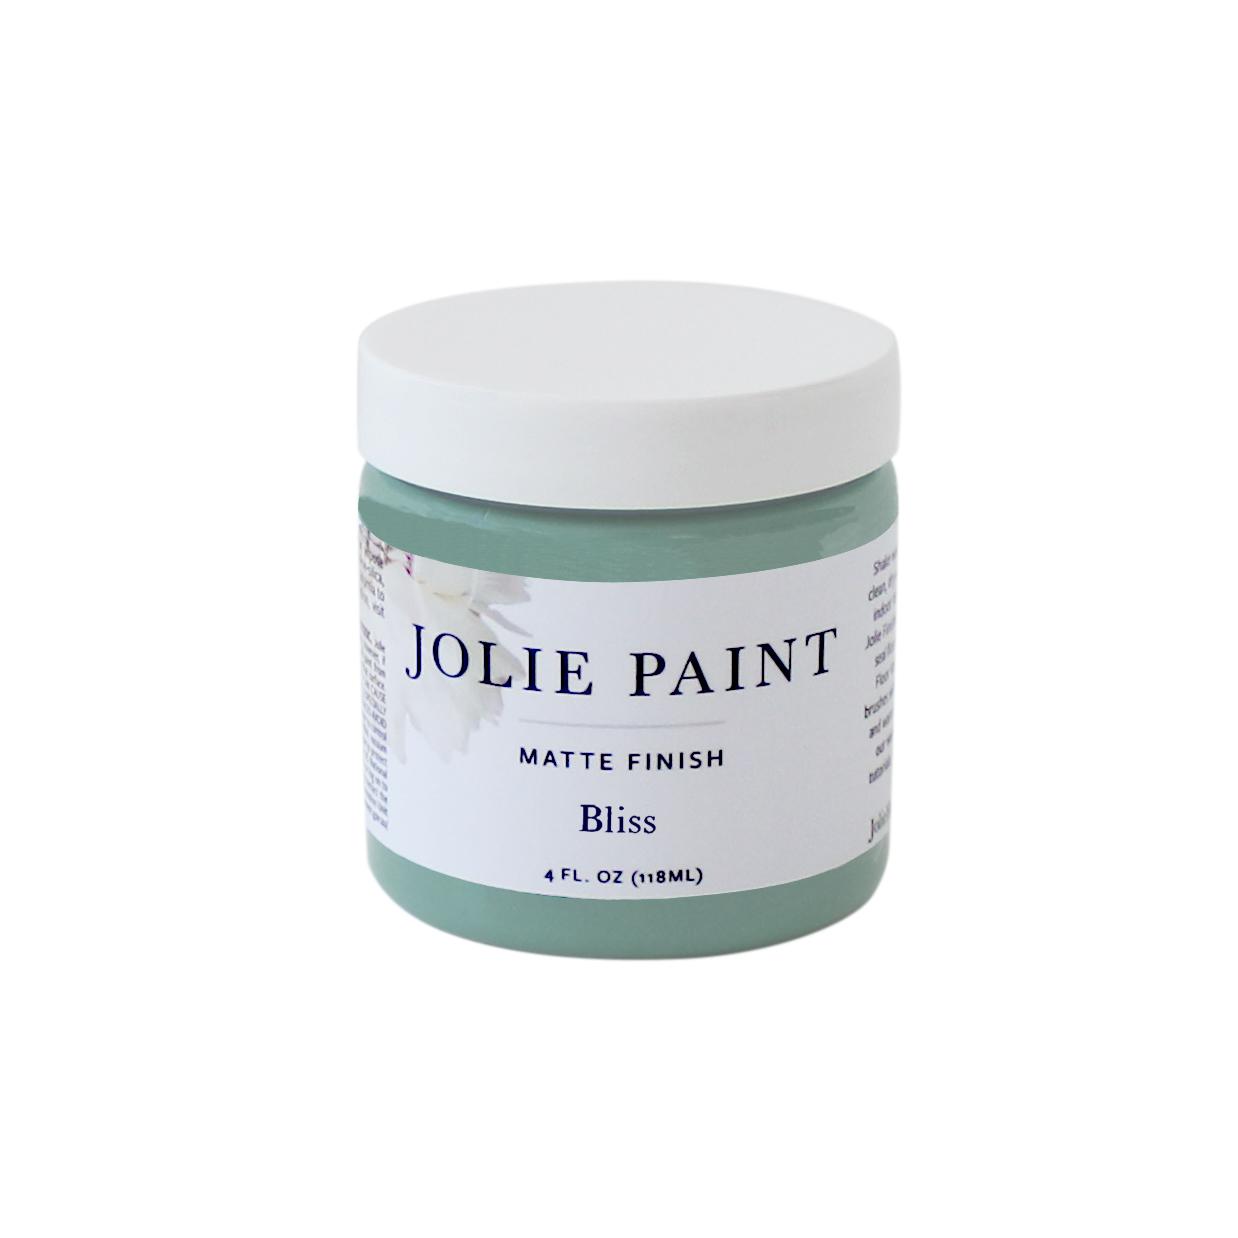 Bliss - Jolie Paint (s)